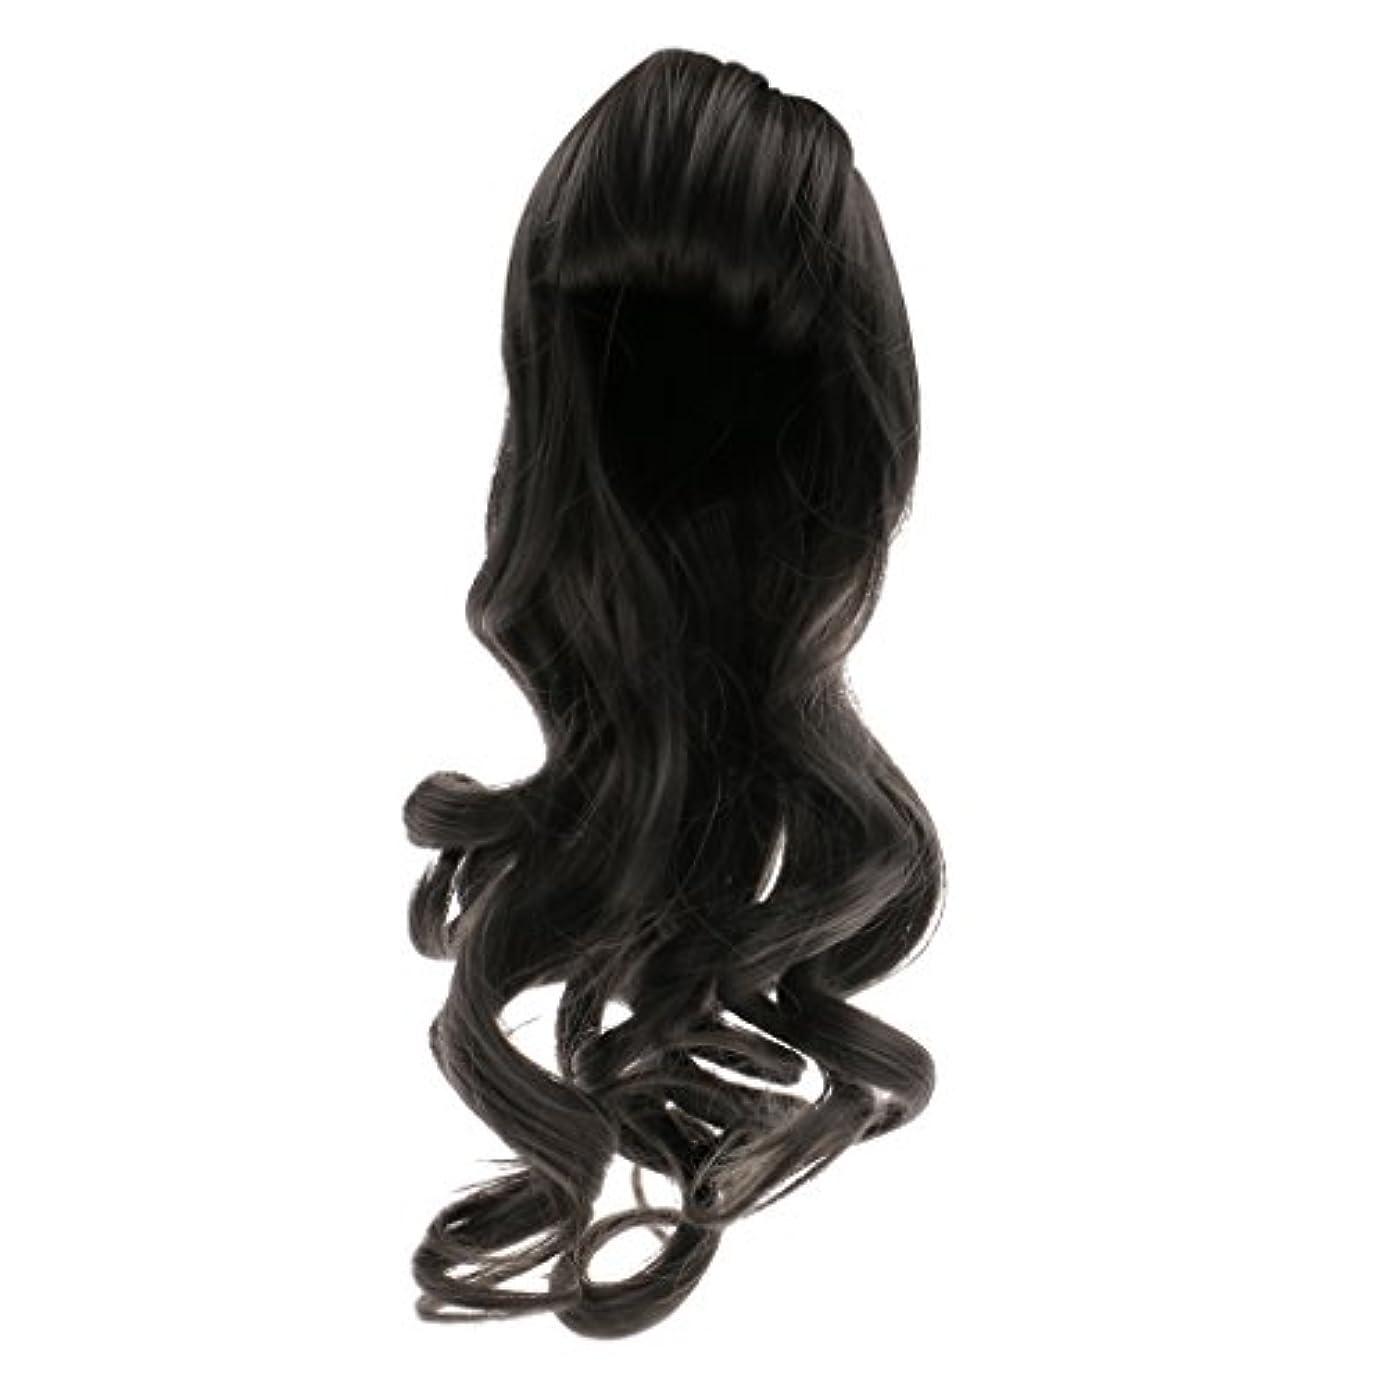 一口パーツ追跡Blesiya 人形用 ドールウィッグ かつら 巻き毛 波状髪 セクシー 前髪 ブライス人形適用 全6色選べ  - #1